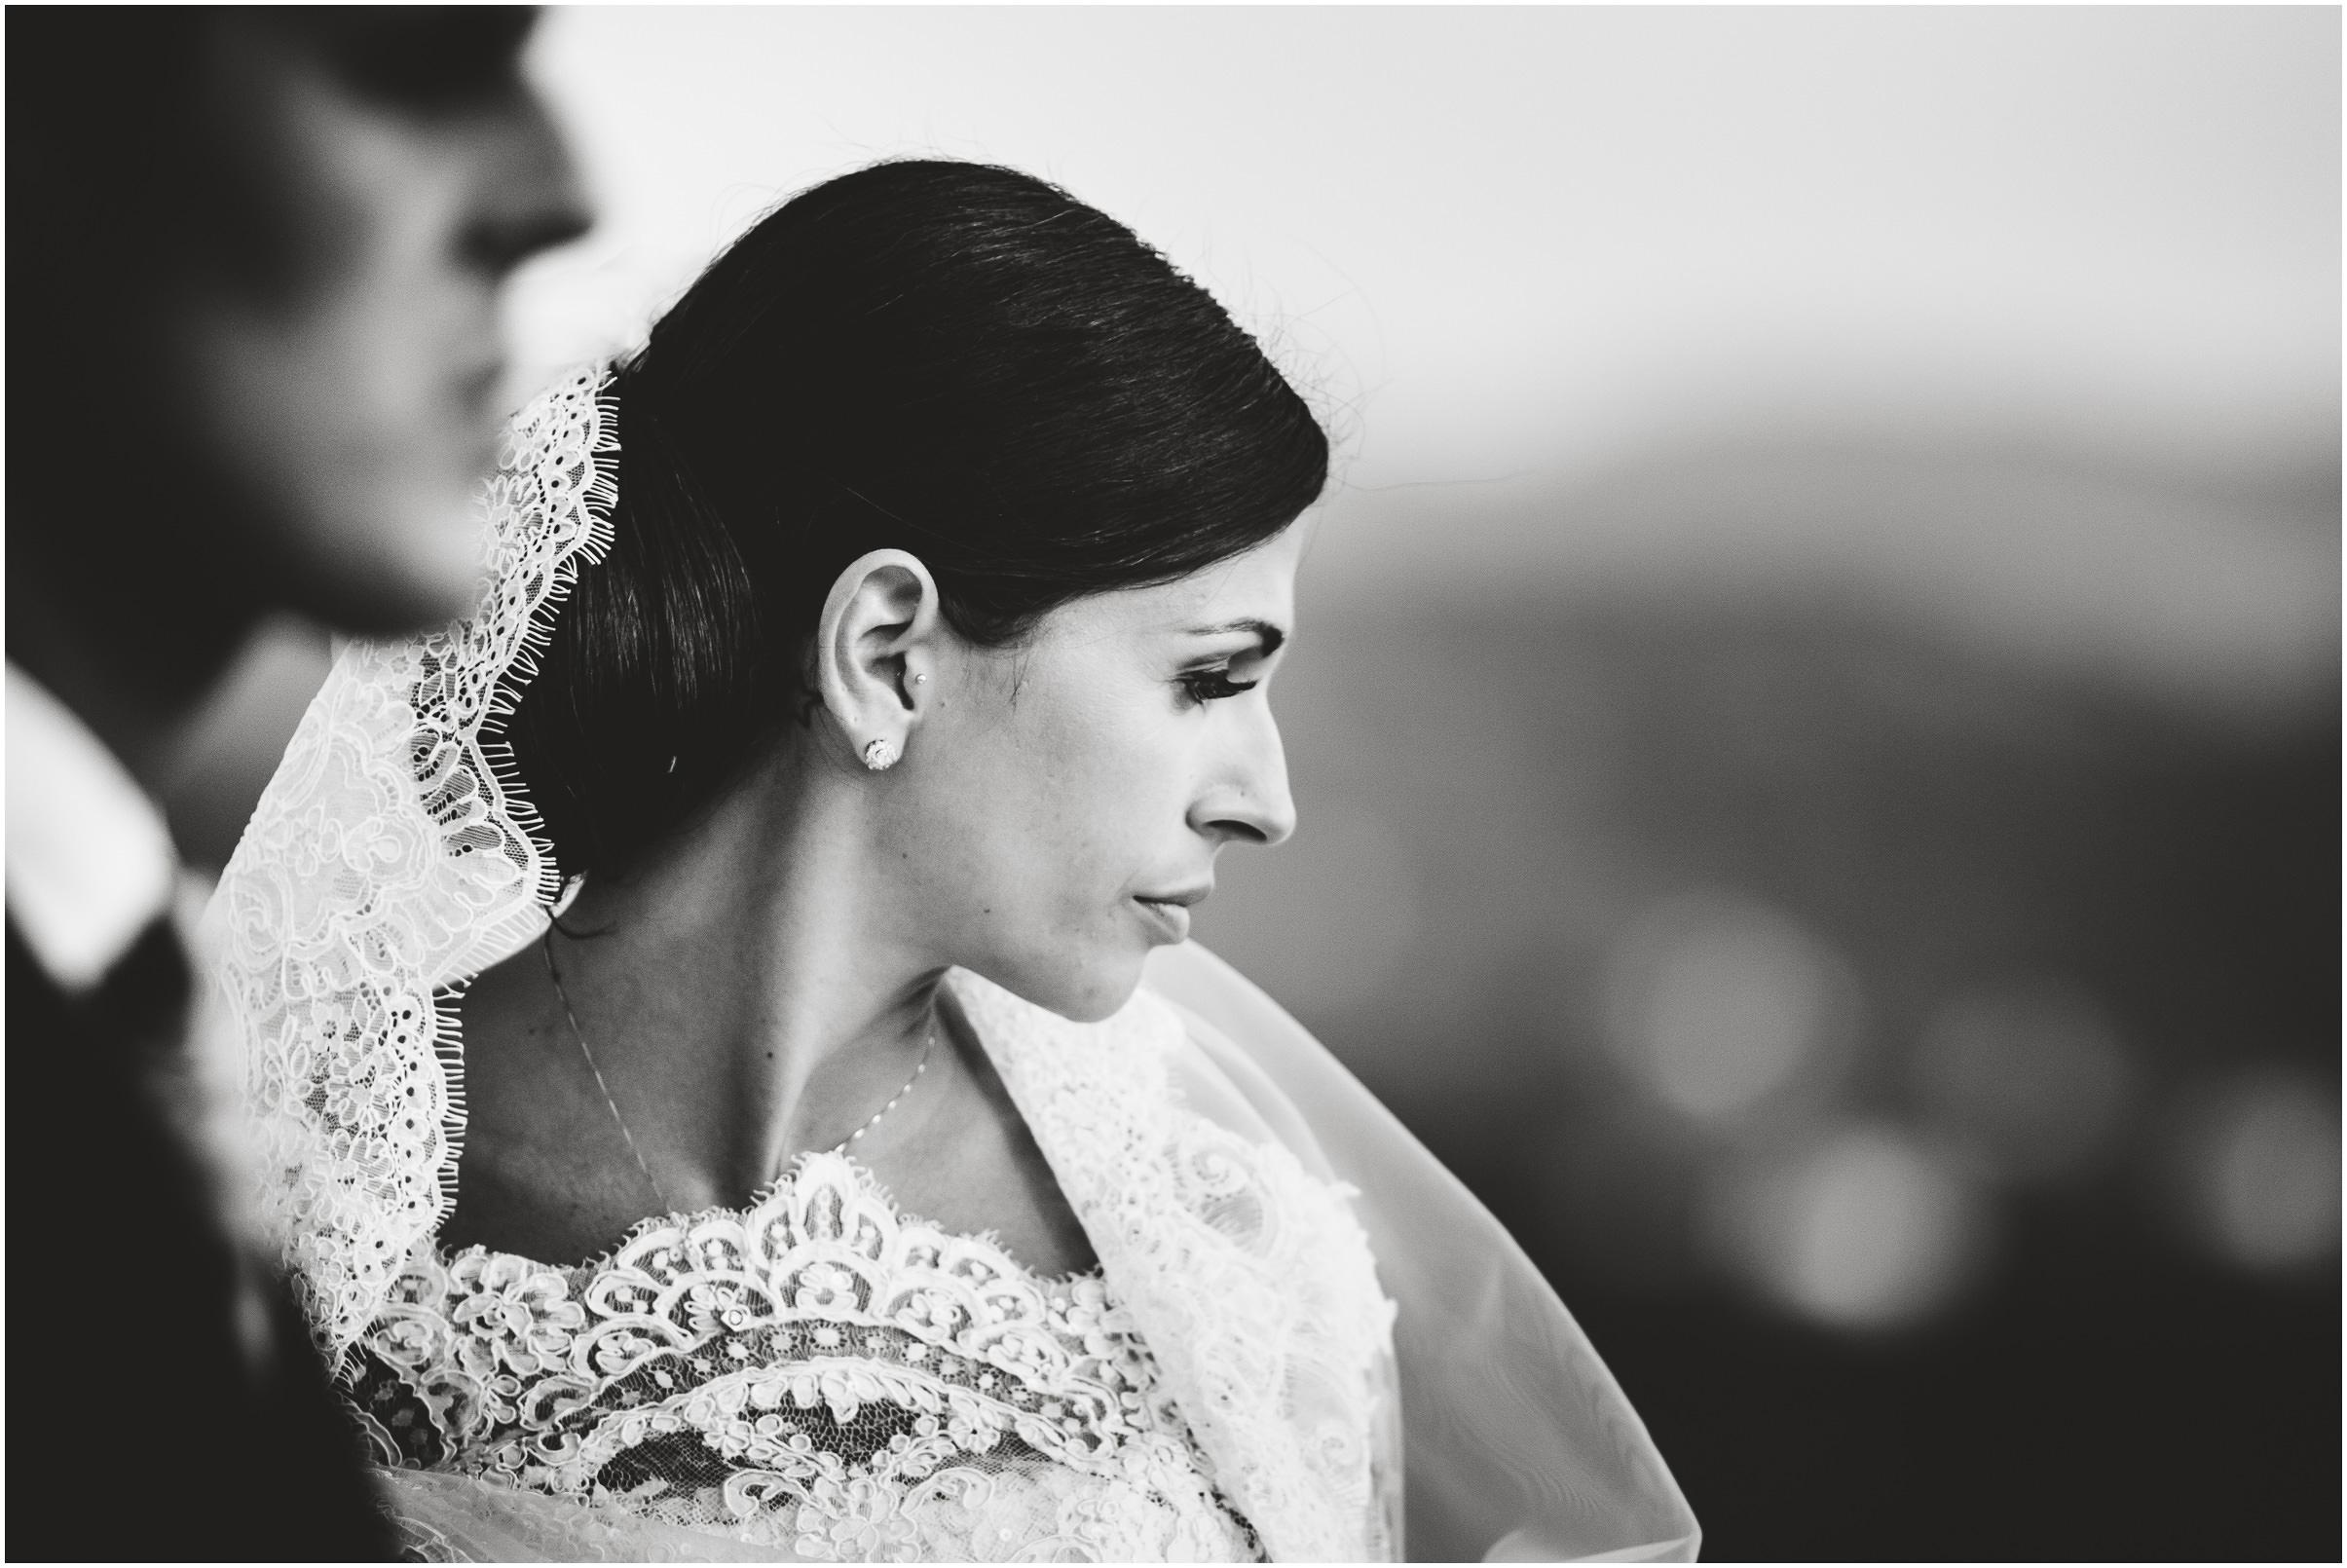 WEDDING-PHOTOGRAPHY-SARA-LORENZONI-FOTOGRAFIA-MATRIMONIO-AREZZO-TUSCANY-EVENTO-LE-SPOSE-DI-GIANNI-ELISA-LUCA044